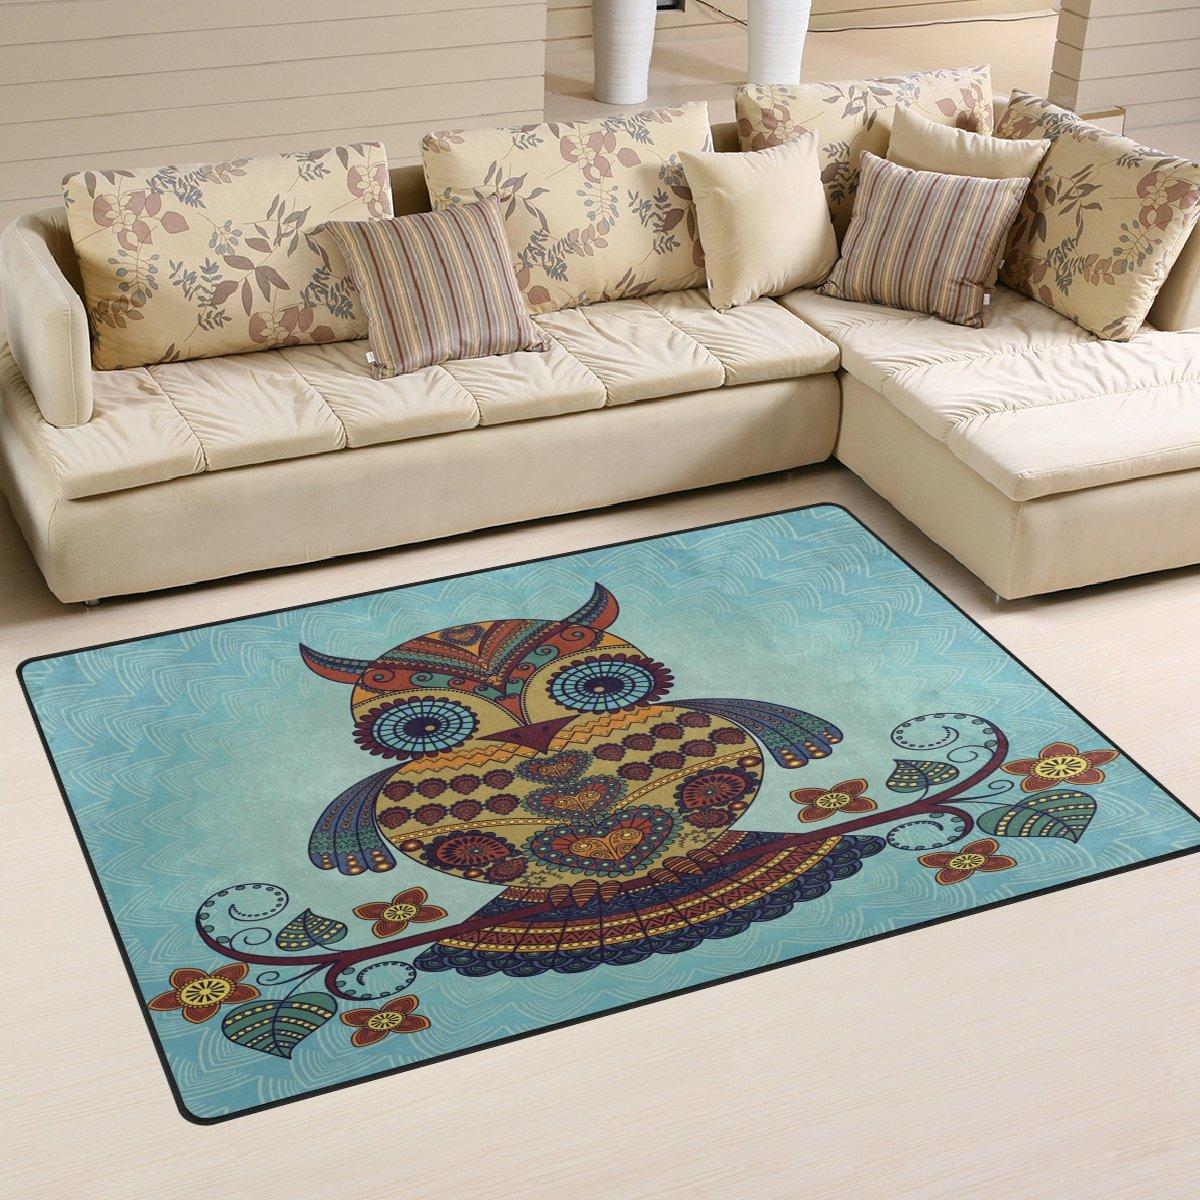 WOZO Vintage Tribal Owl Bird Flower Area Rug Rugs Non-Slip Floor Mat Doormats Living Room Bedroom 60 x 39 inches